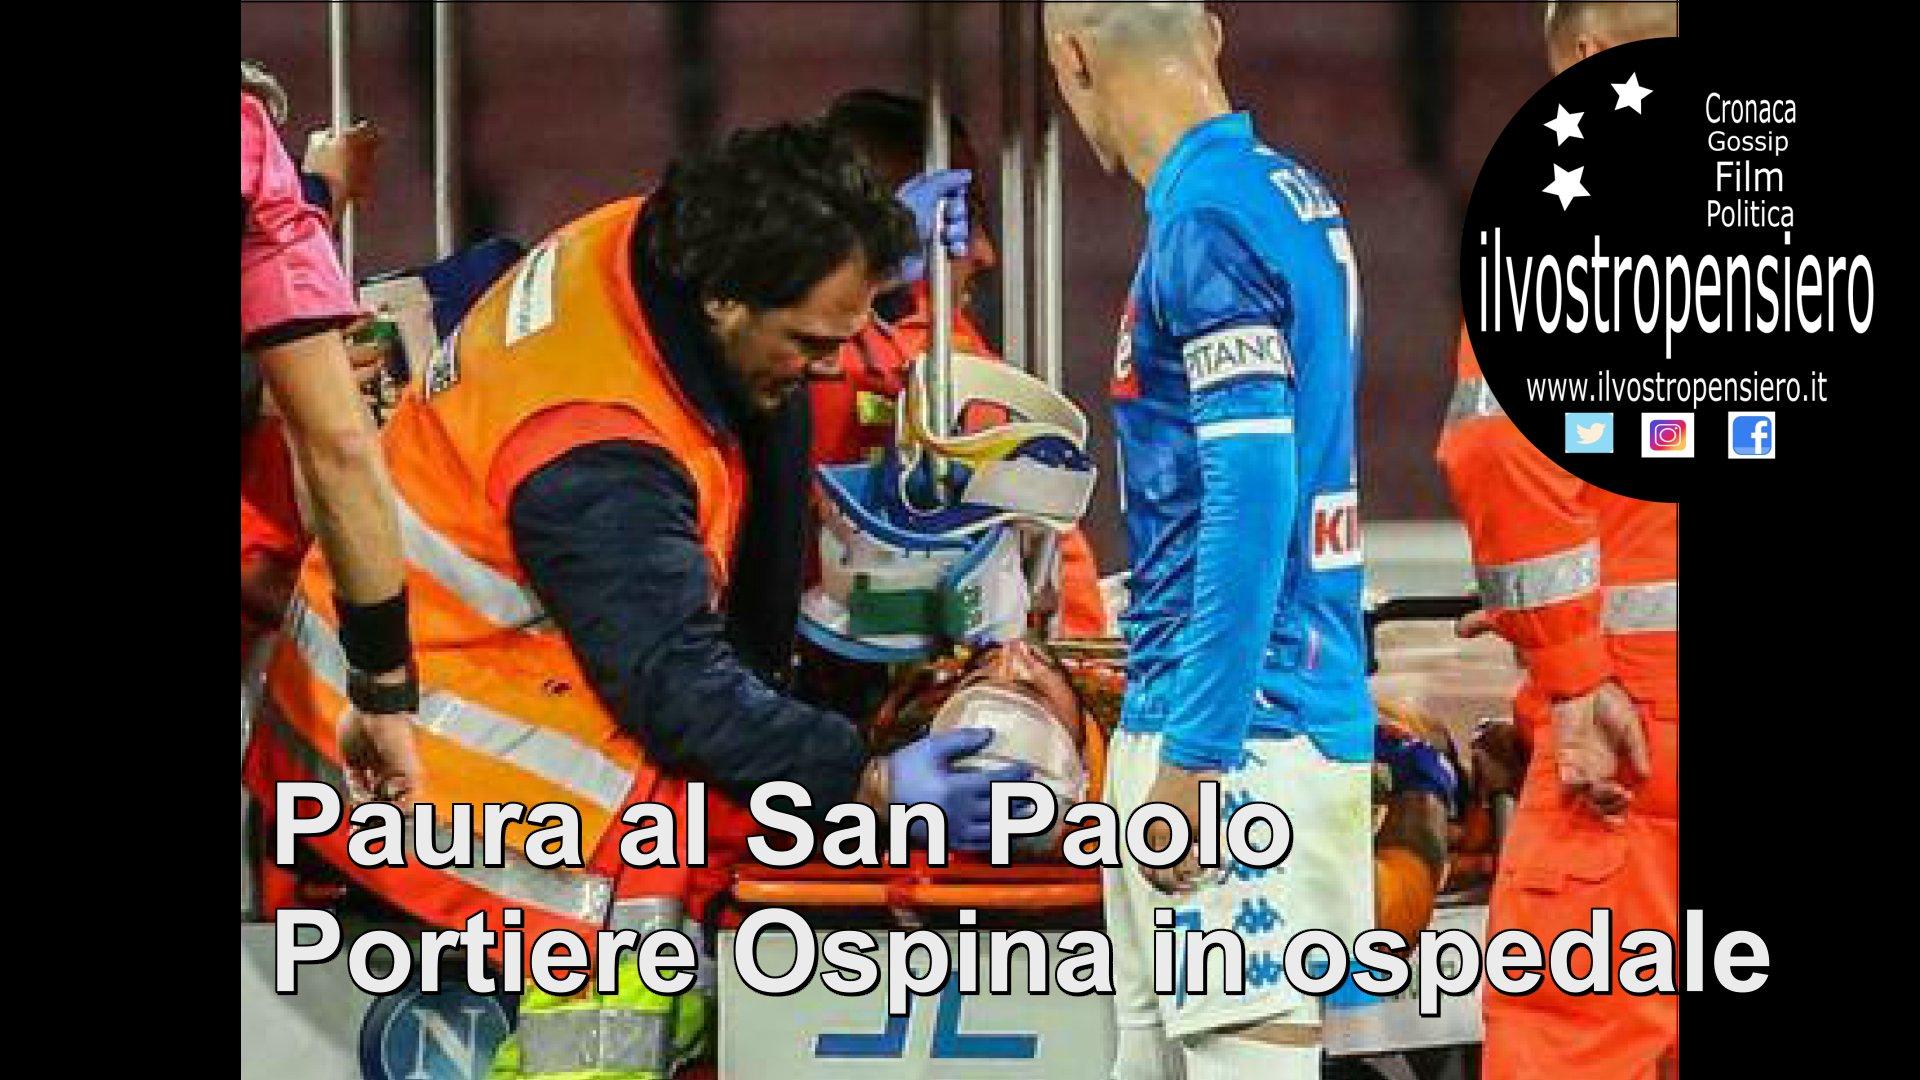 Napoli: Paura al San Paolo, il portiere Ospina in ospedale!!